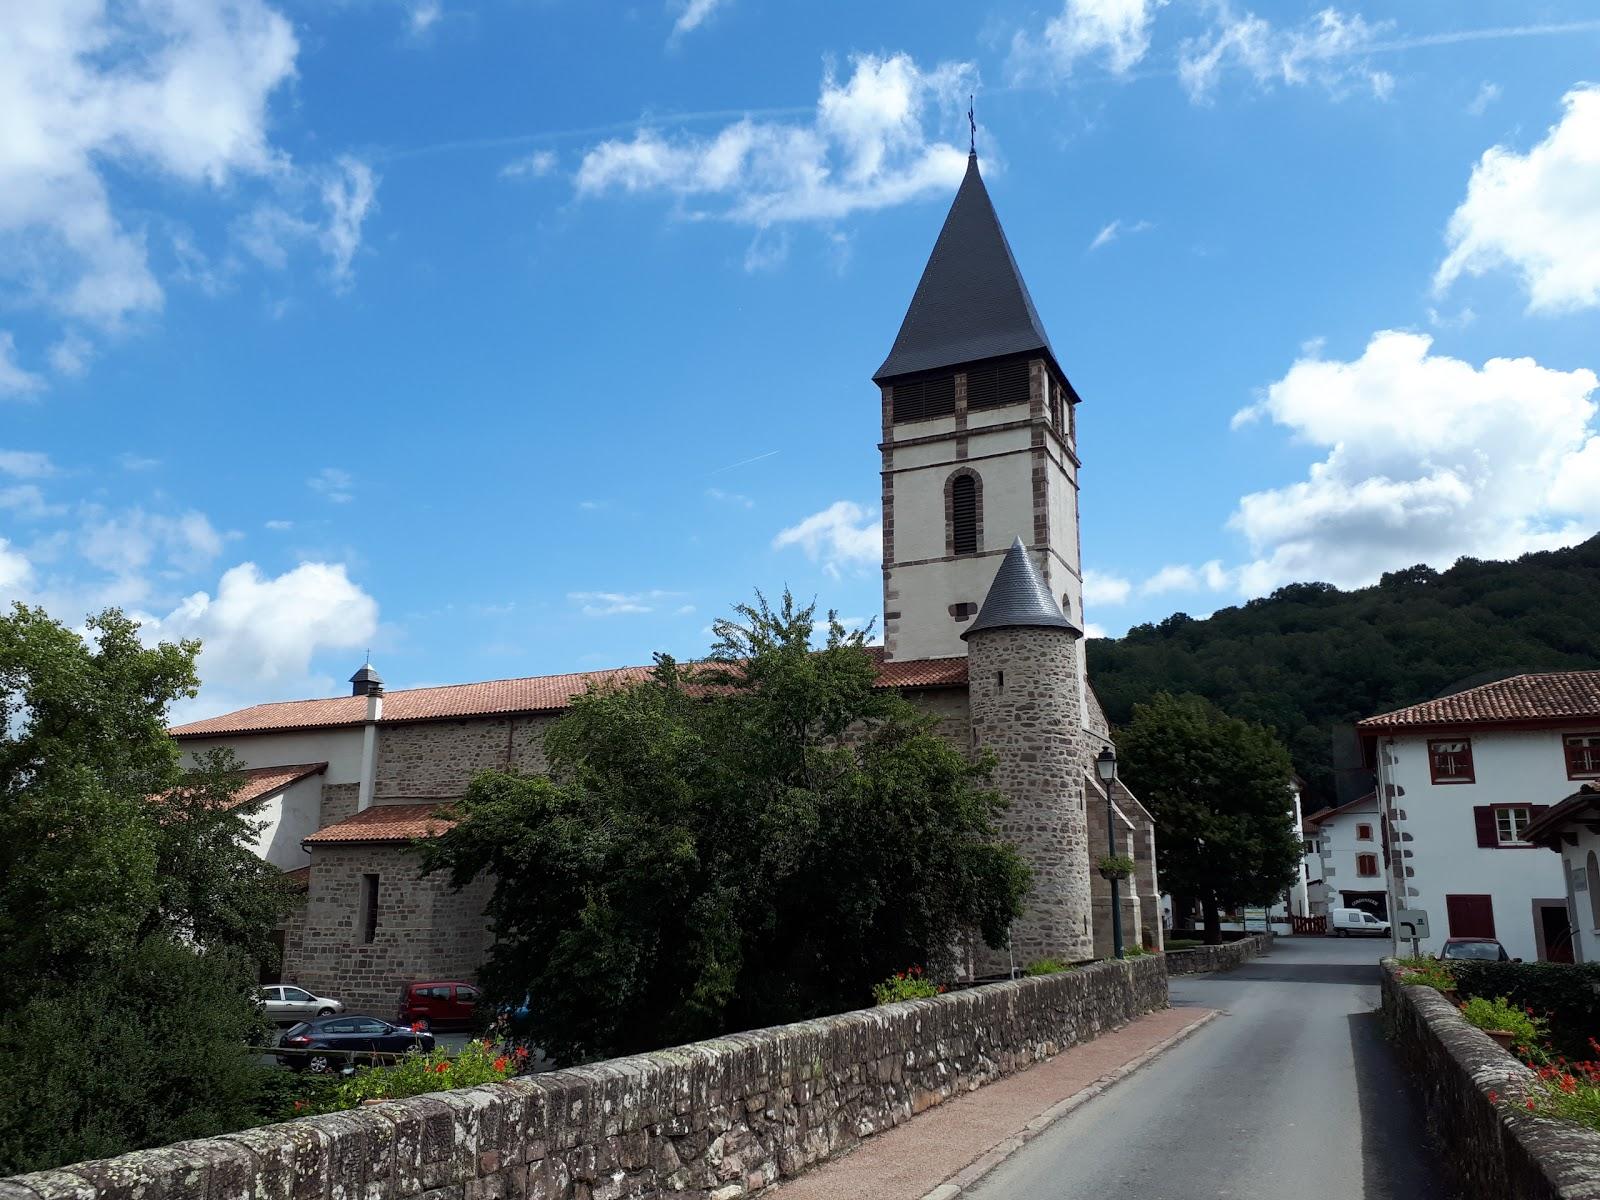 Logements  Saint étienne de Ba¯gorry Pyrénées Atlantiques